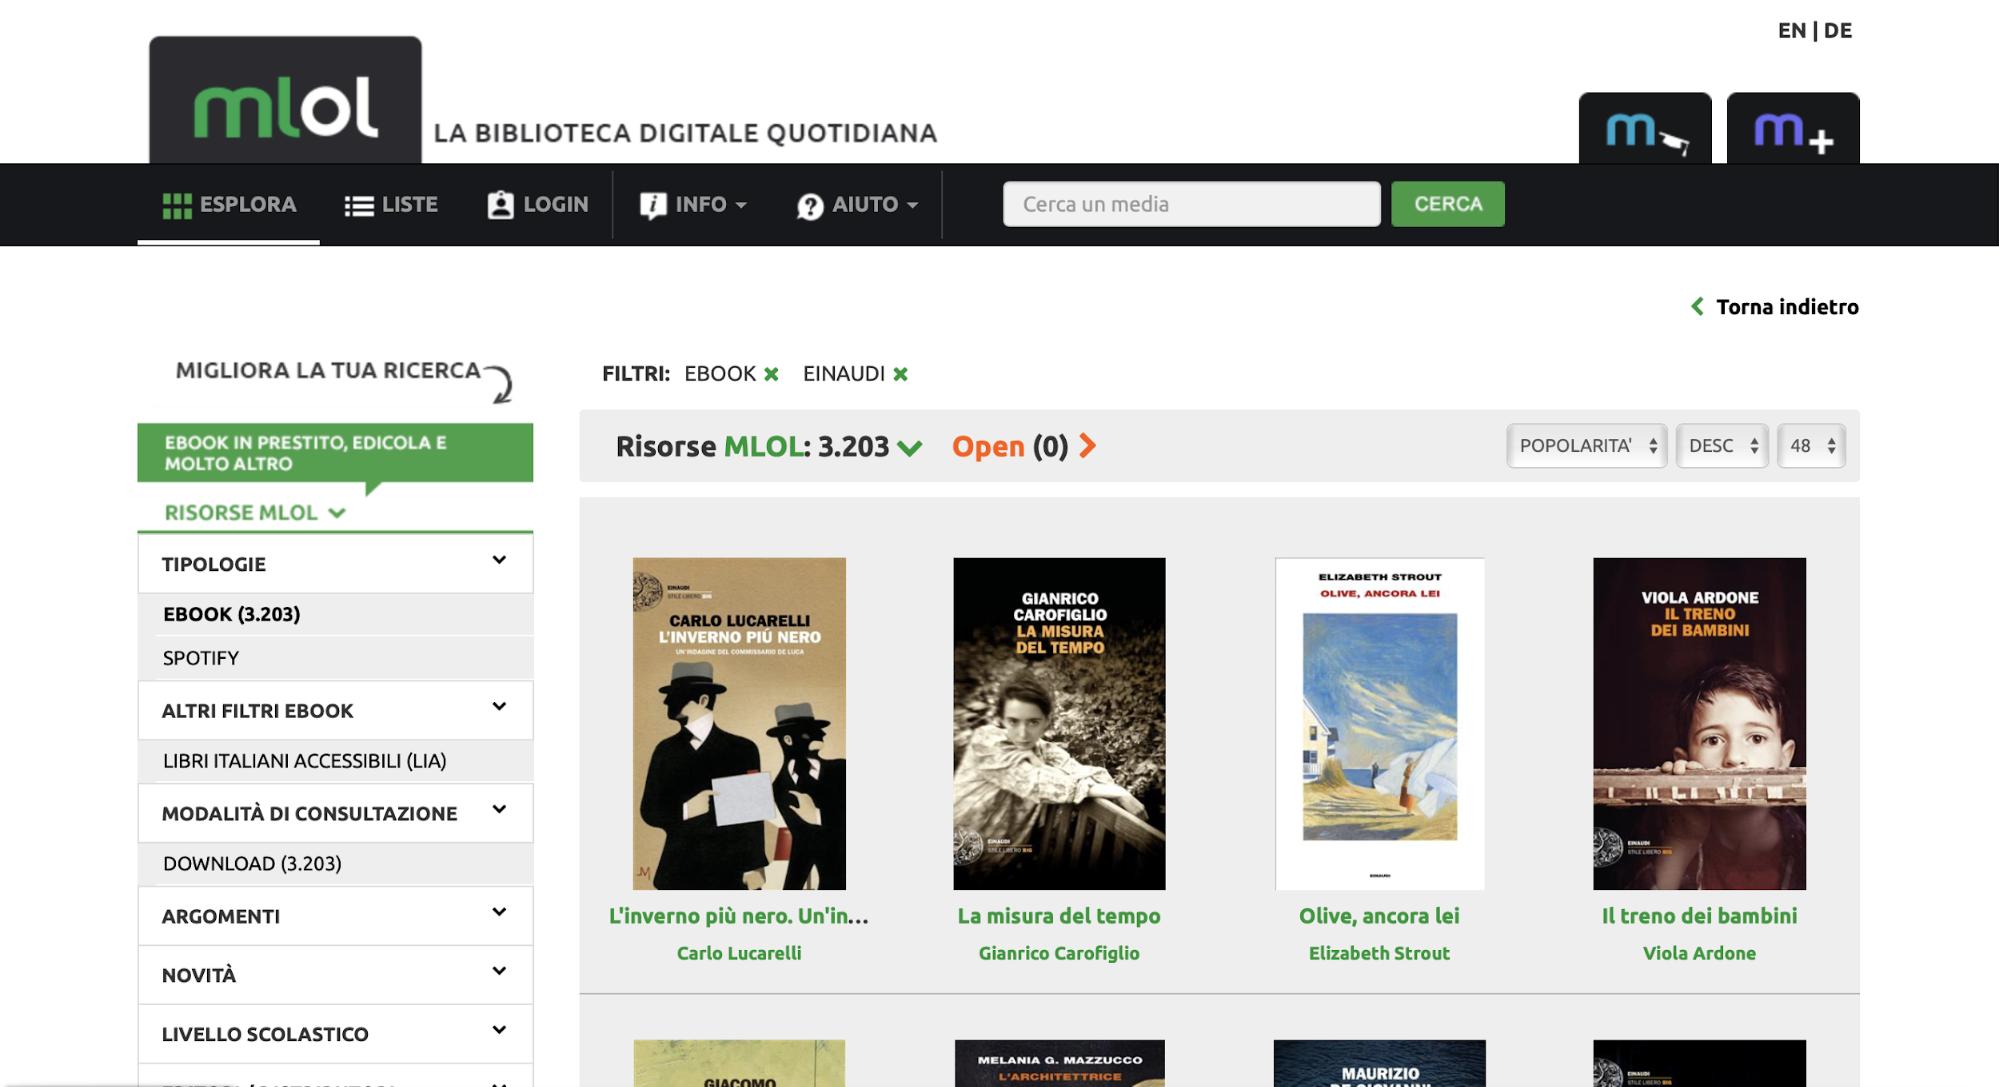 Gli Ebook del Gruppo Mondadori su MLOL